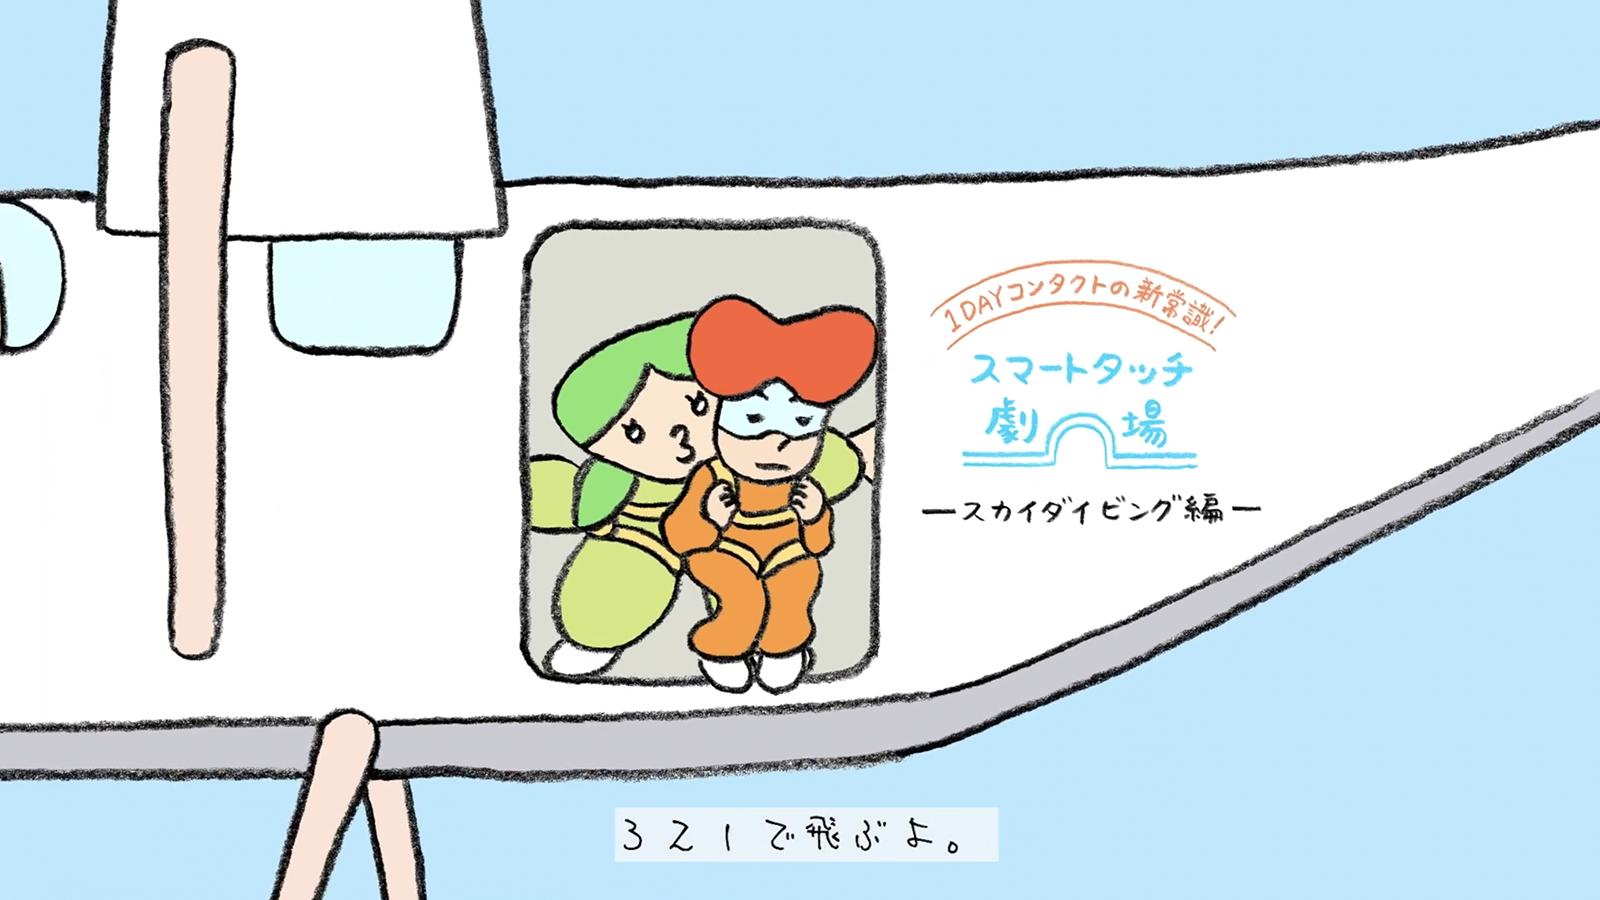 メニコン スマート劇場〜スカイダイビング篇〜